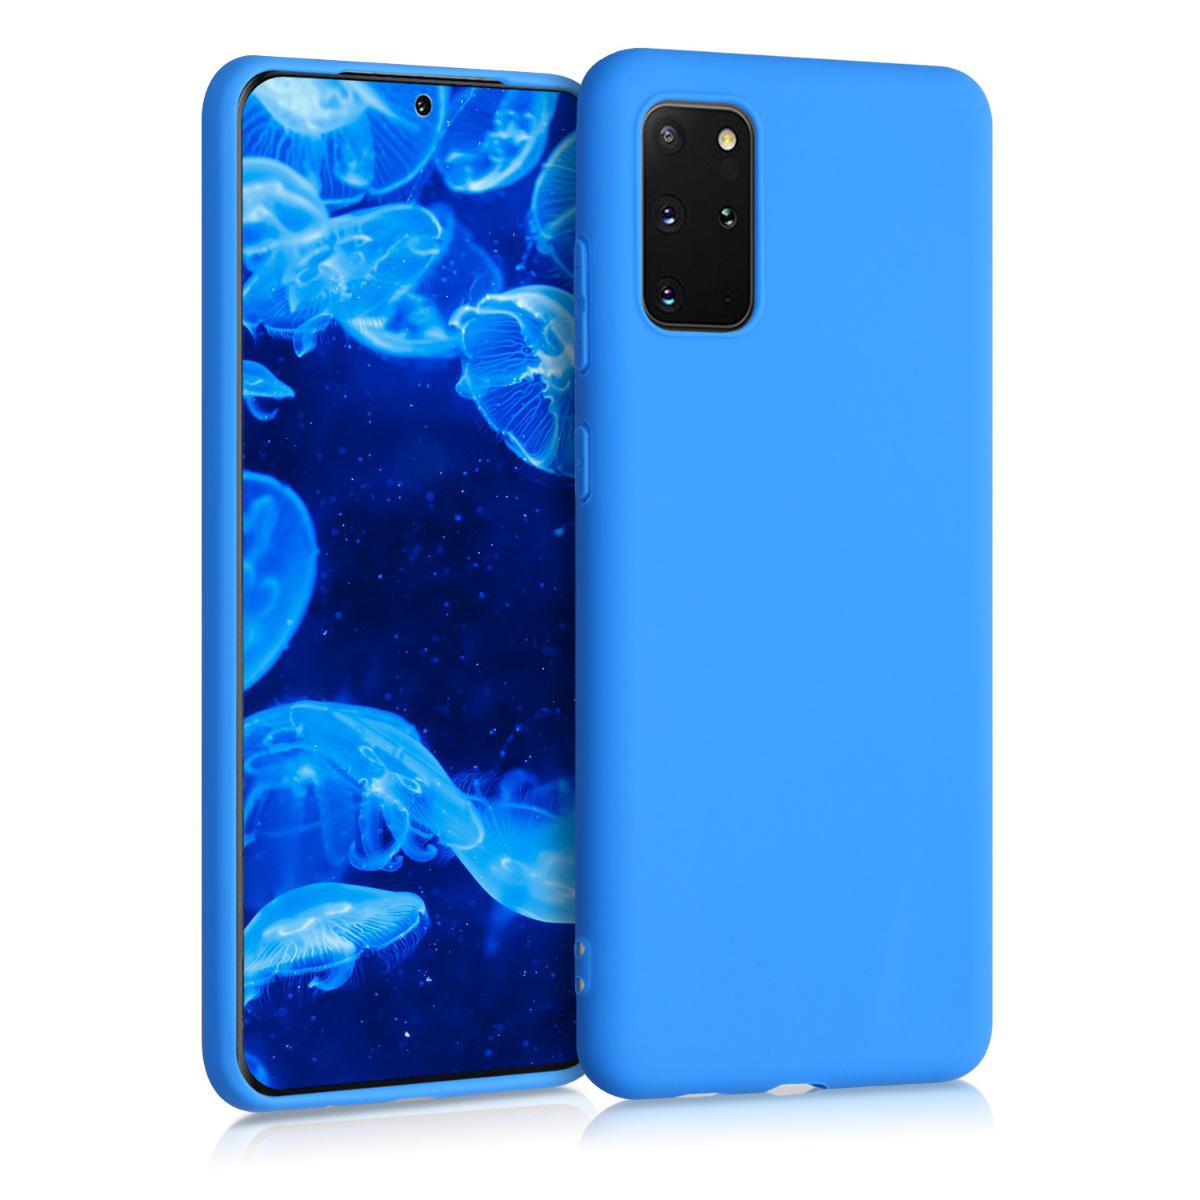 Bazénově modré silikonové pouzdro / obal pro Samsung S20 Plus